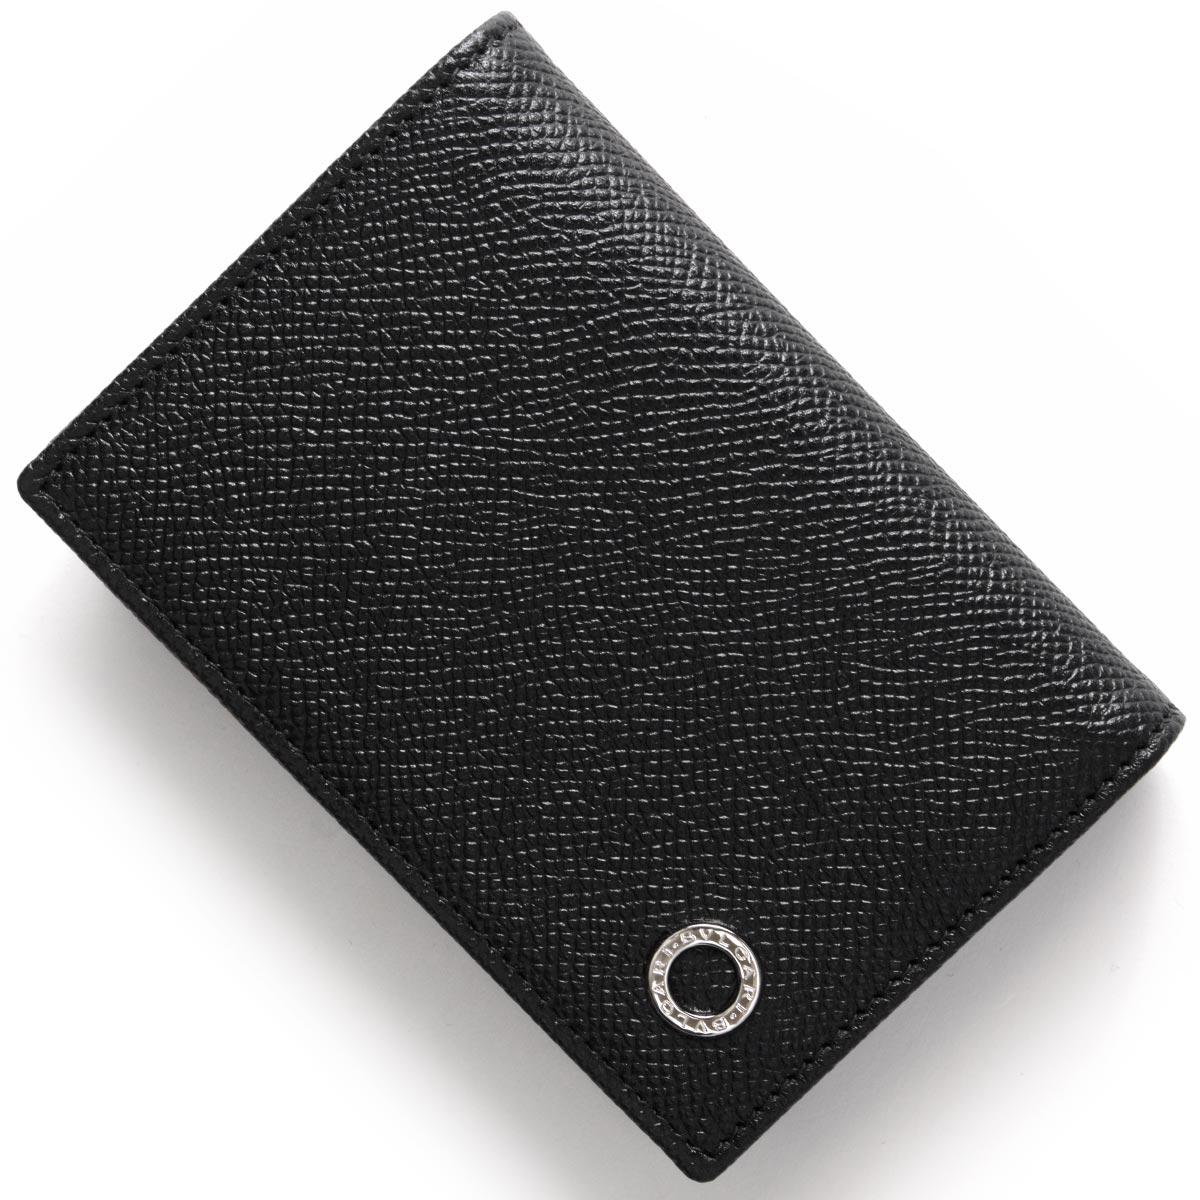 buy online 7670e 8c85a ブルガリ カードケース メンズ ブルガリブルガリ マン ブラック 280297 BVLGARI